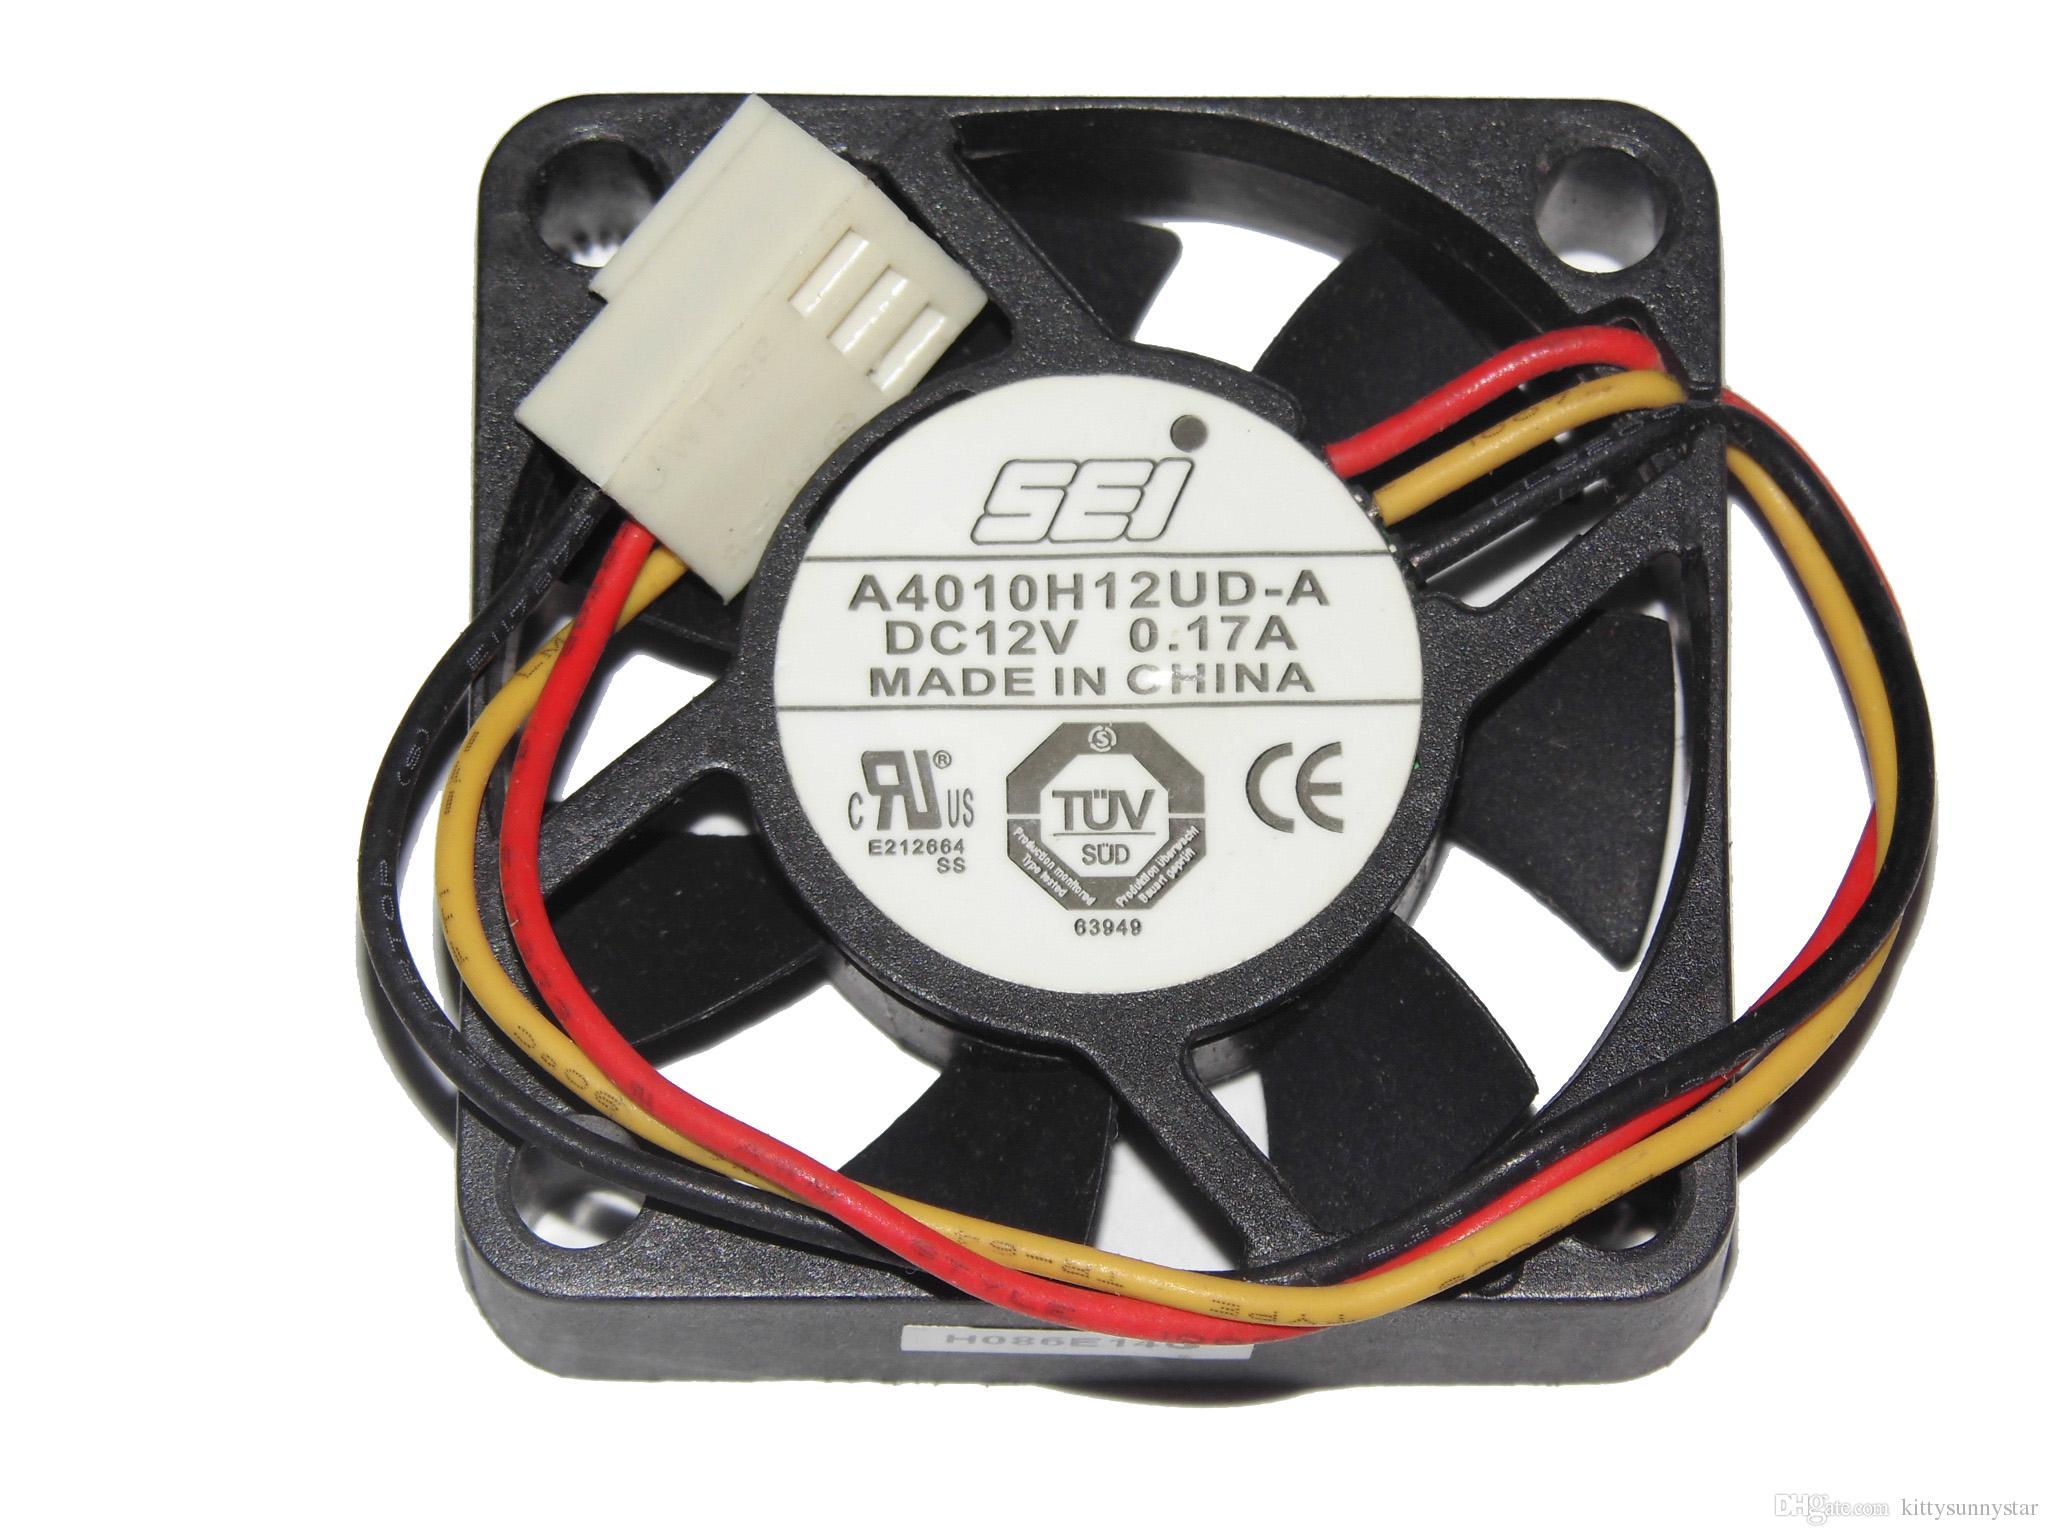 SEI A4010H12UD-A 12 V 0.17A 3TV HDTV Için, ATOM, HTPC Kasa fanı, Soğutma Fanı